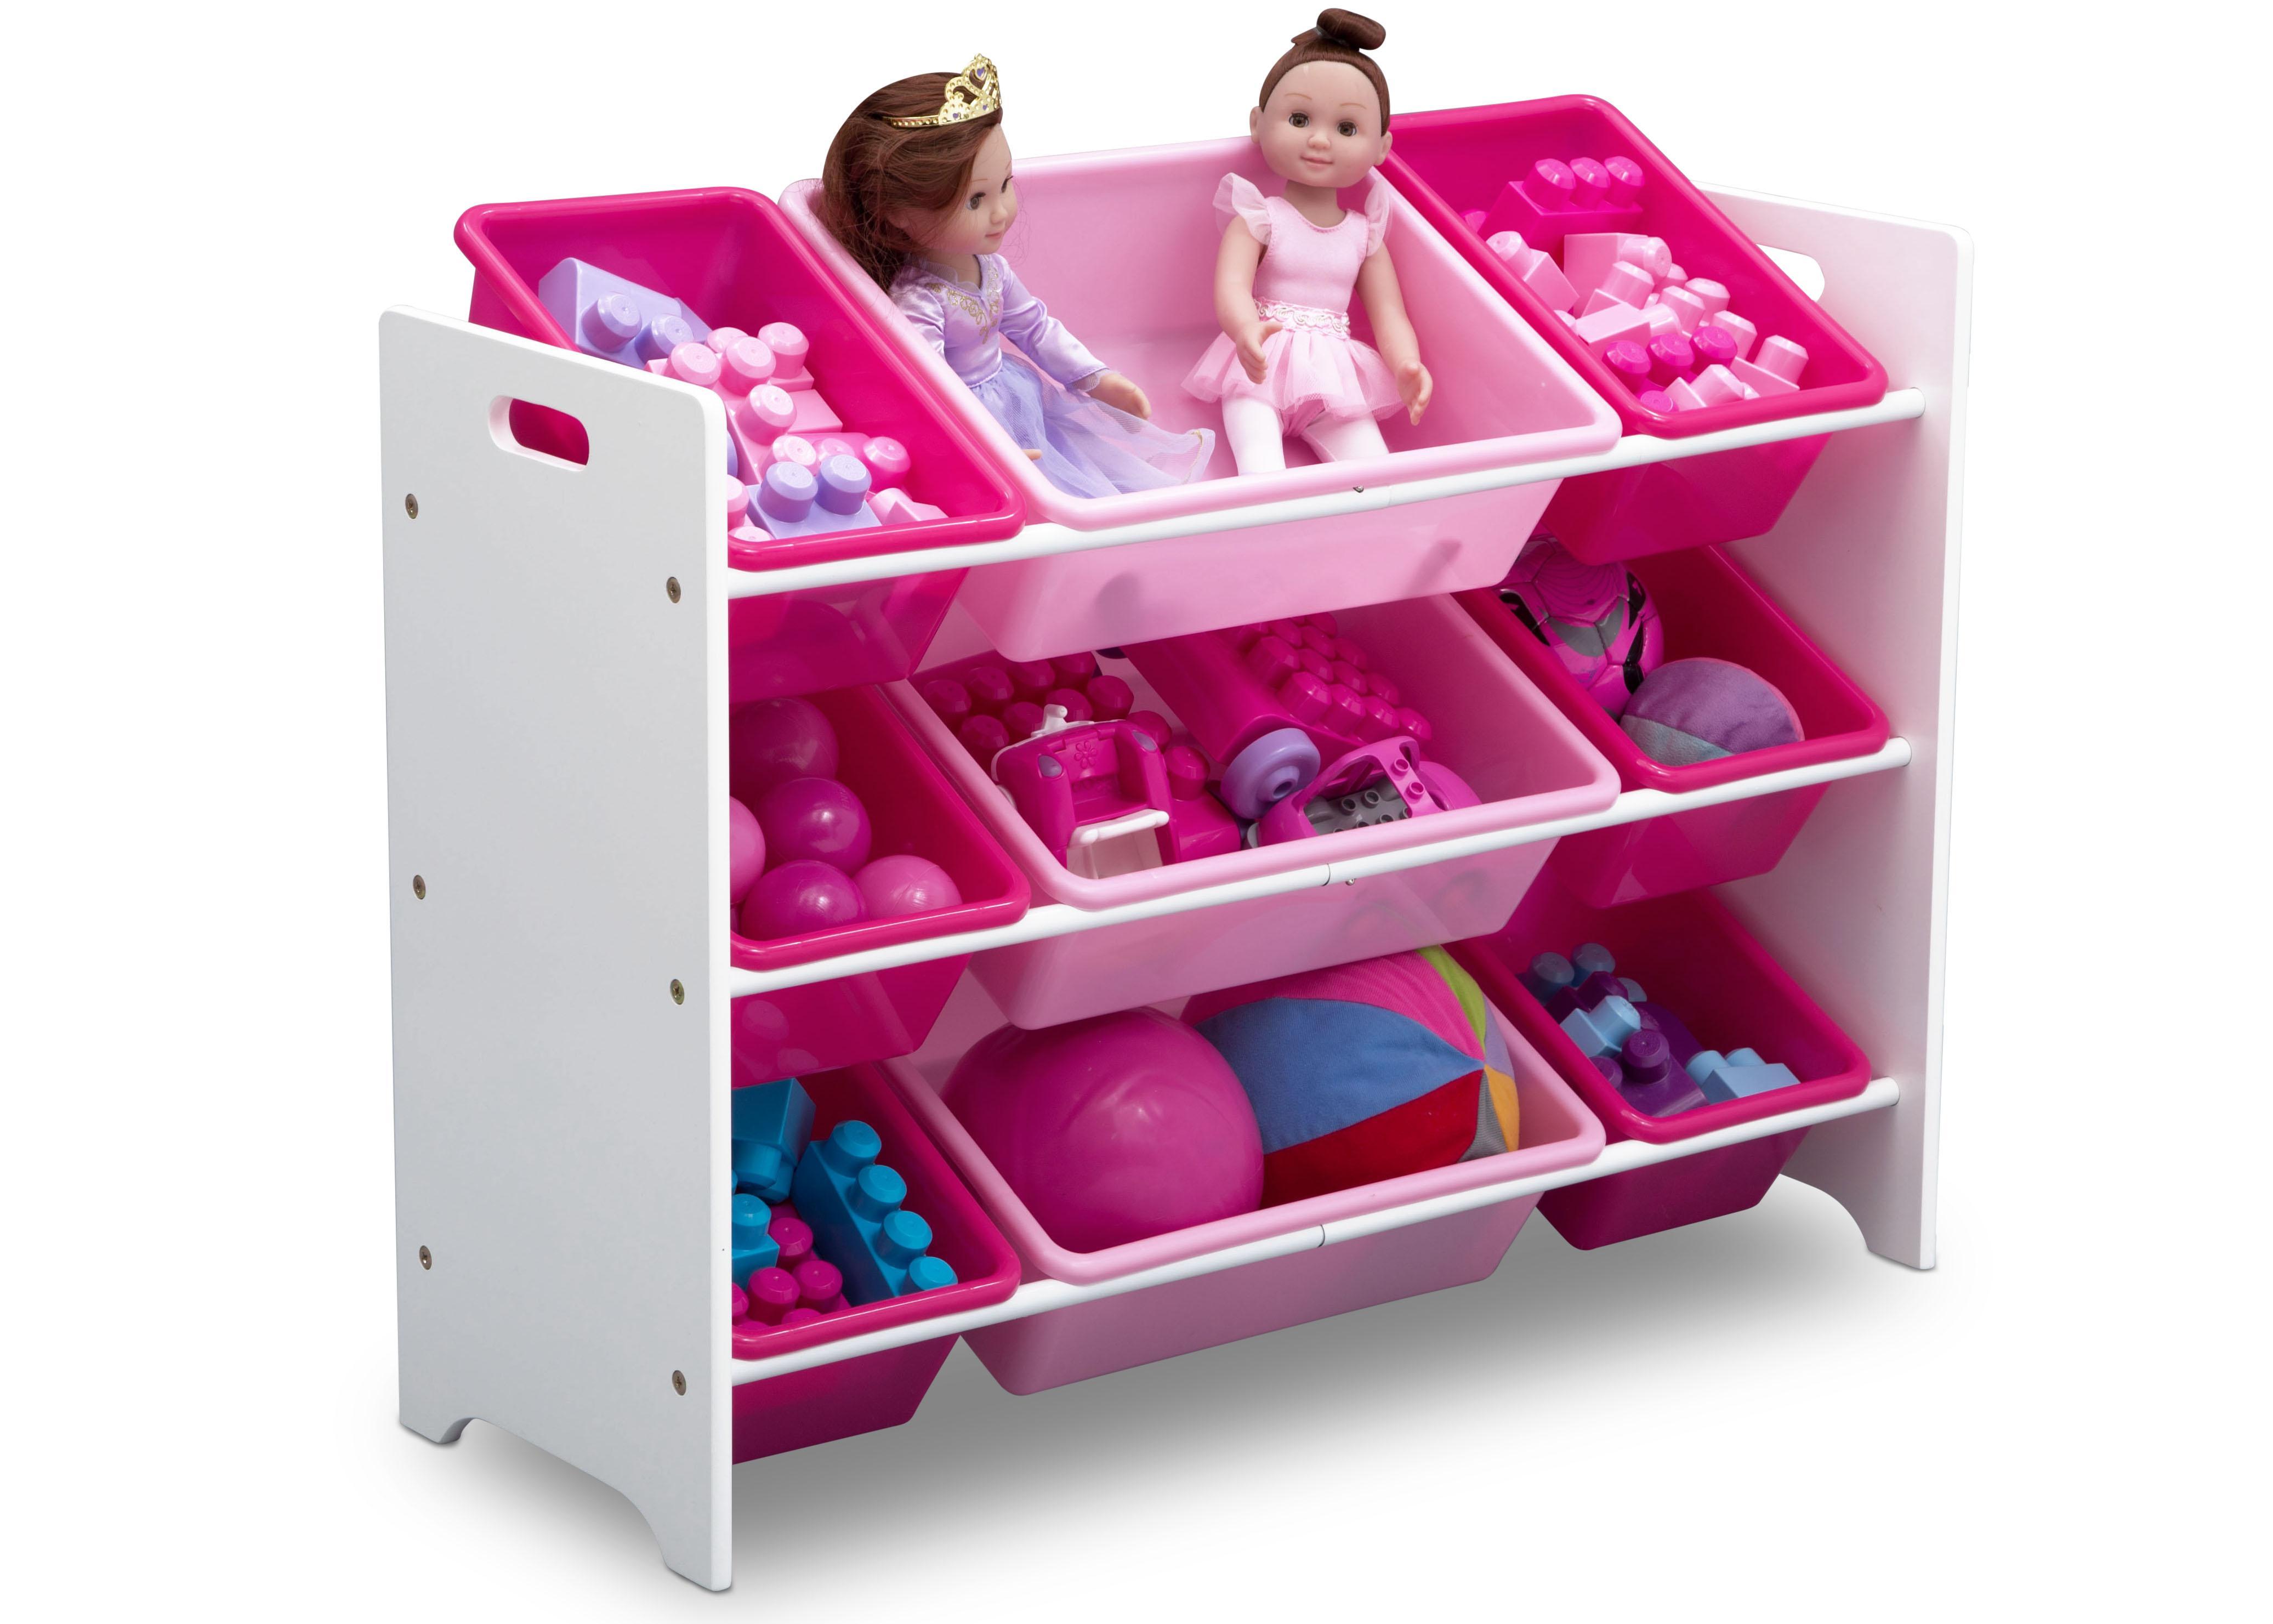 delta children mysize 9 bin plastic toy organizer bianca white baby. Black Bedroom Furniture Sets. Home Design Ideas